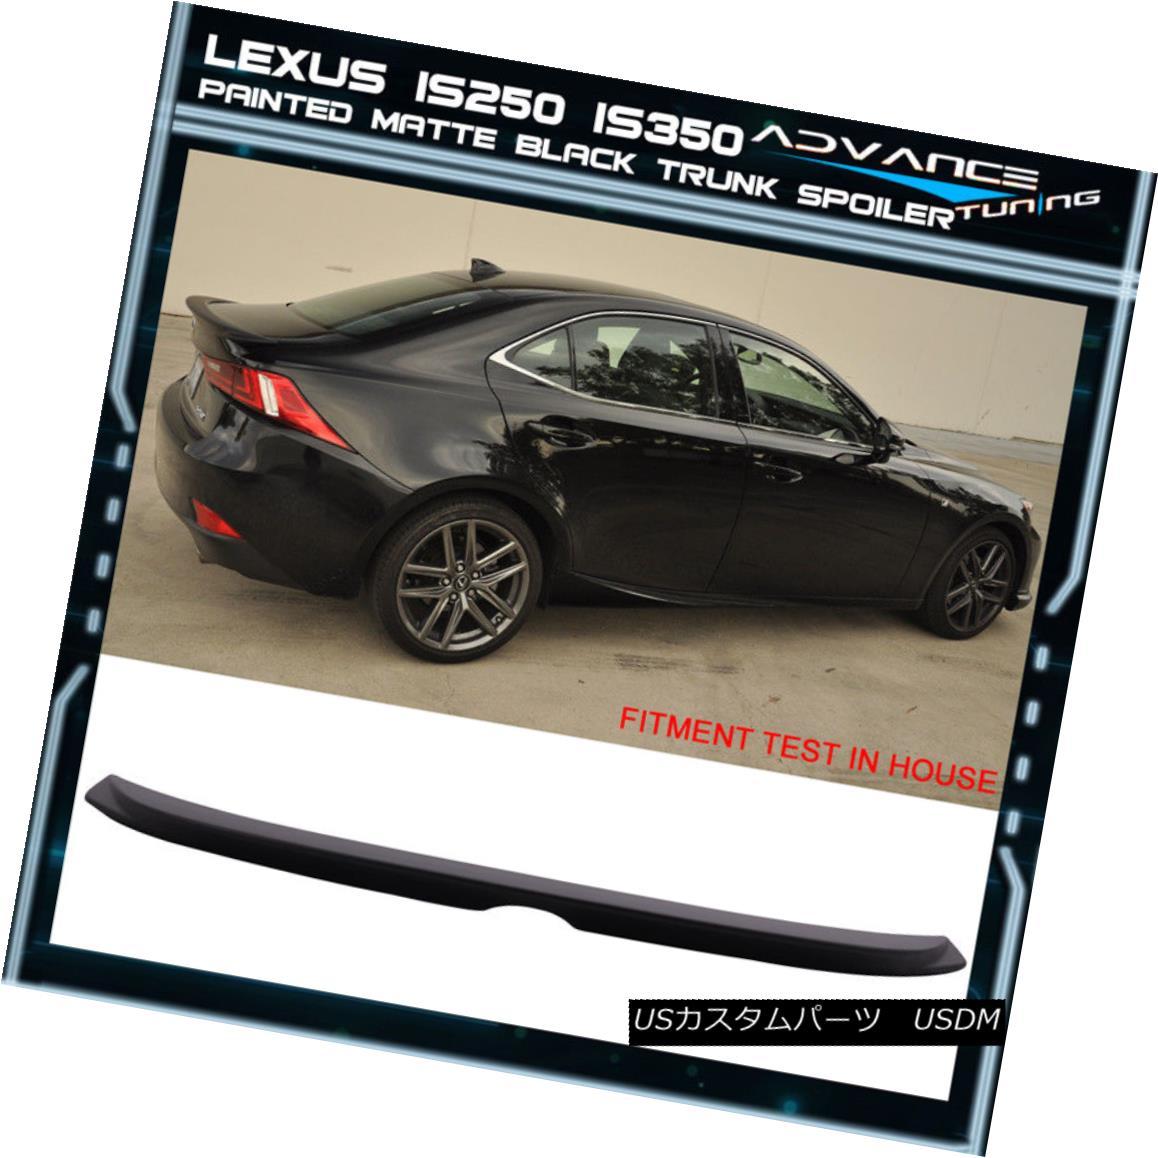 エアロパーツ Fit 14-16 Lexus IS250 350 300 OE Style F-Sport Trunk Spoiler Painted Matte Black フィット14-16レクサスIS250 350 300 OEスタイルF-スポーツトランクスポイラー塗装マットブラック